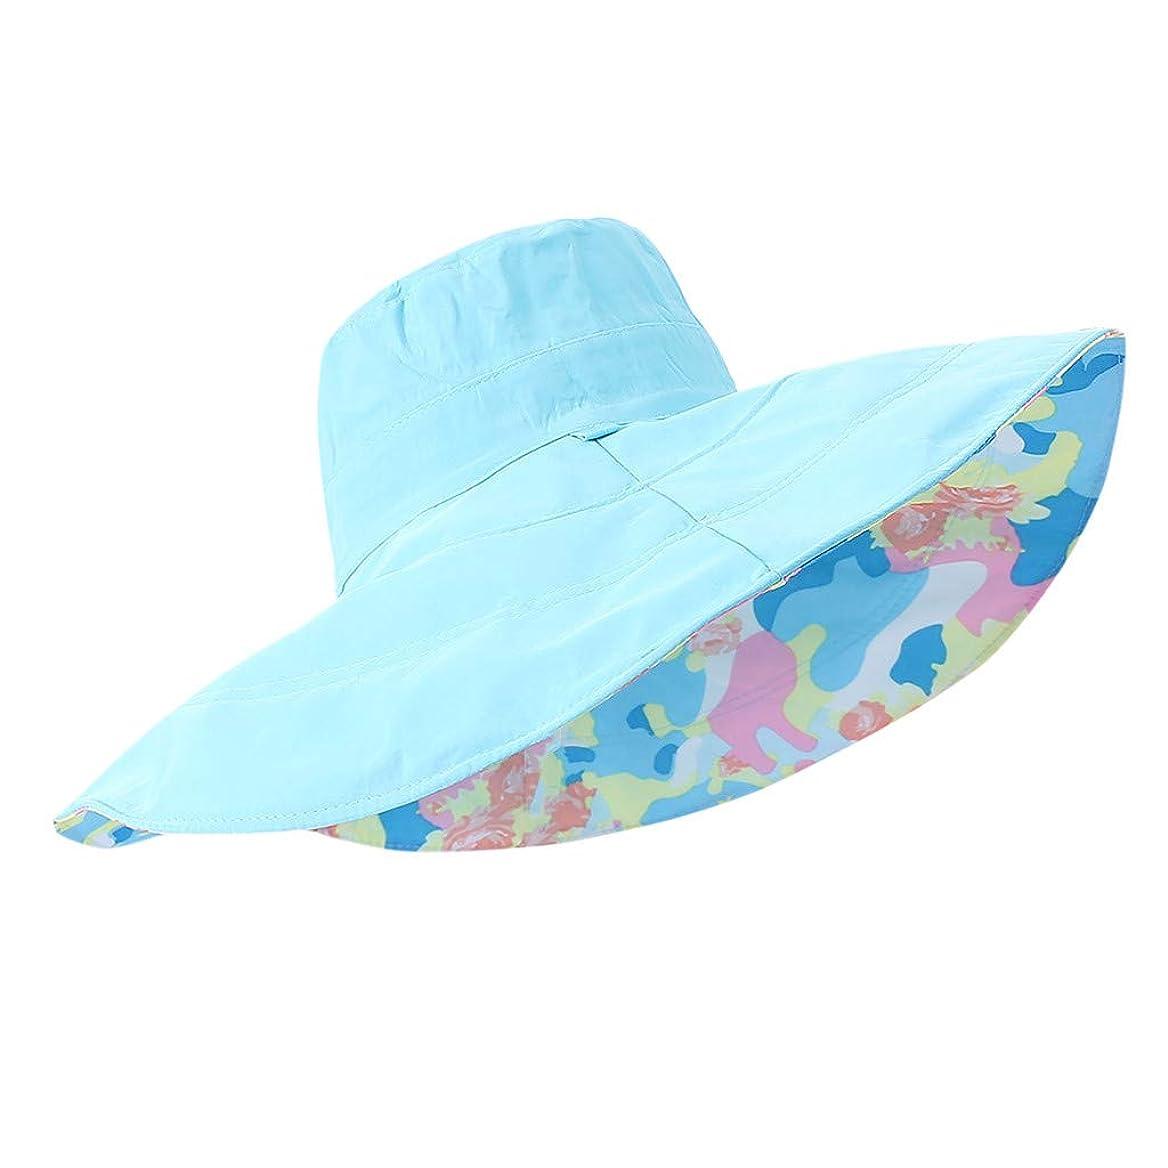 社交的面ひらめきOD企画 uvカット 帽子 レディース ハット 大きいサイズ つば広 熱中症 夏 紫外線 日除け 日よけ レディース メンズ キッズ アウトドア 紫外線対策 おしゃれ 帽子 つば広 UV 帽子 女性用 UVカット 帽子 海